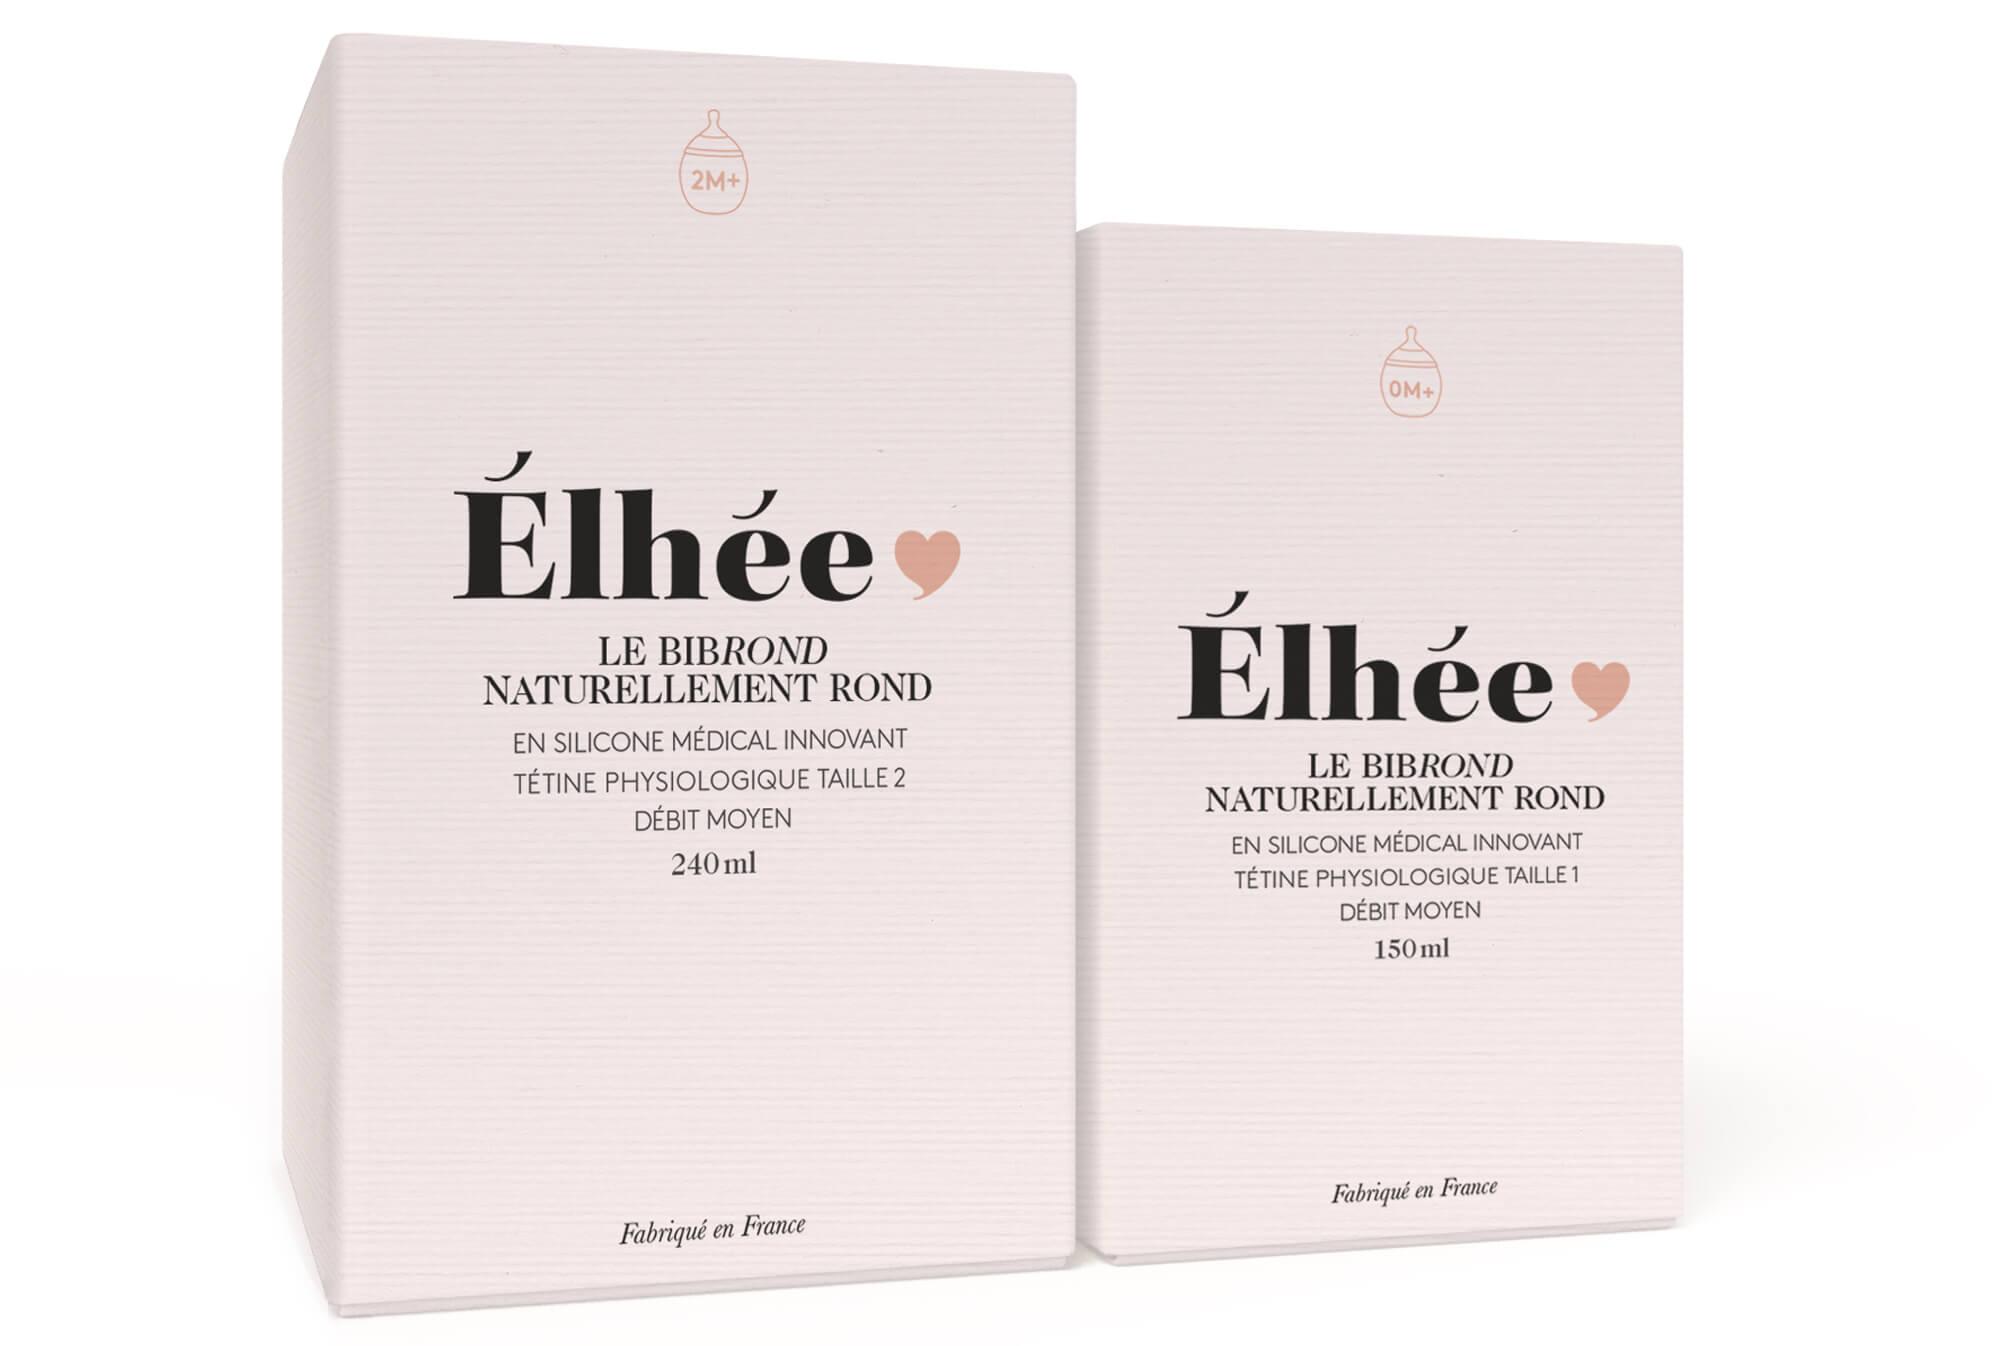 Packaging dessiné par le studio Ich&kar pour la marque Élhée et son nouveau biberon